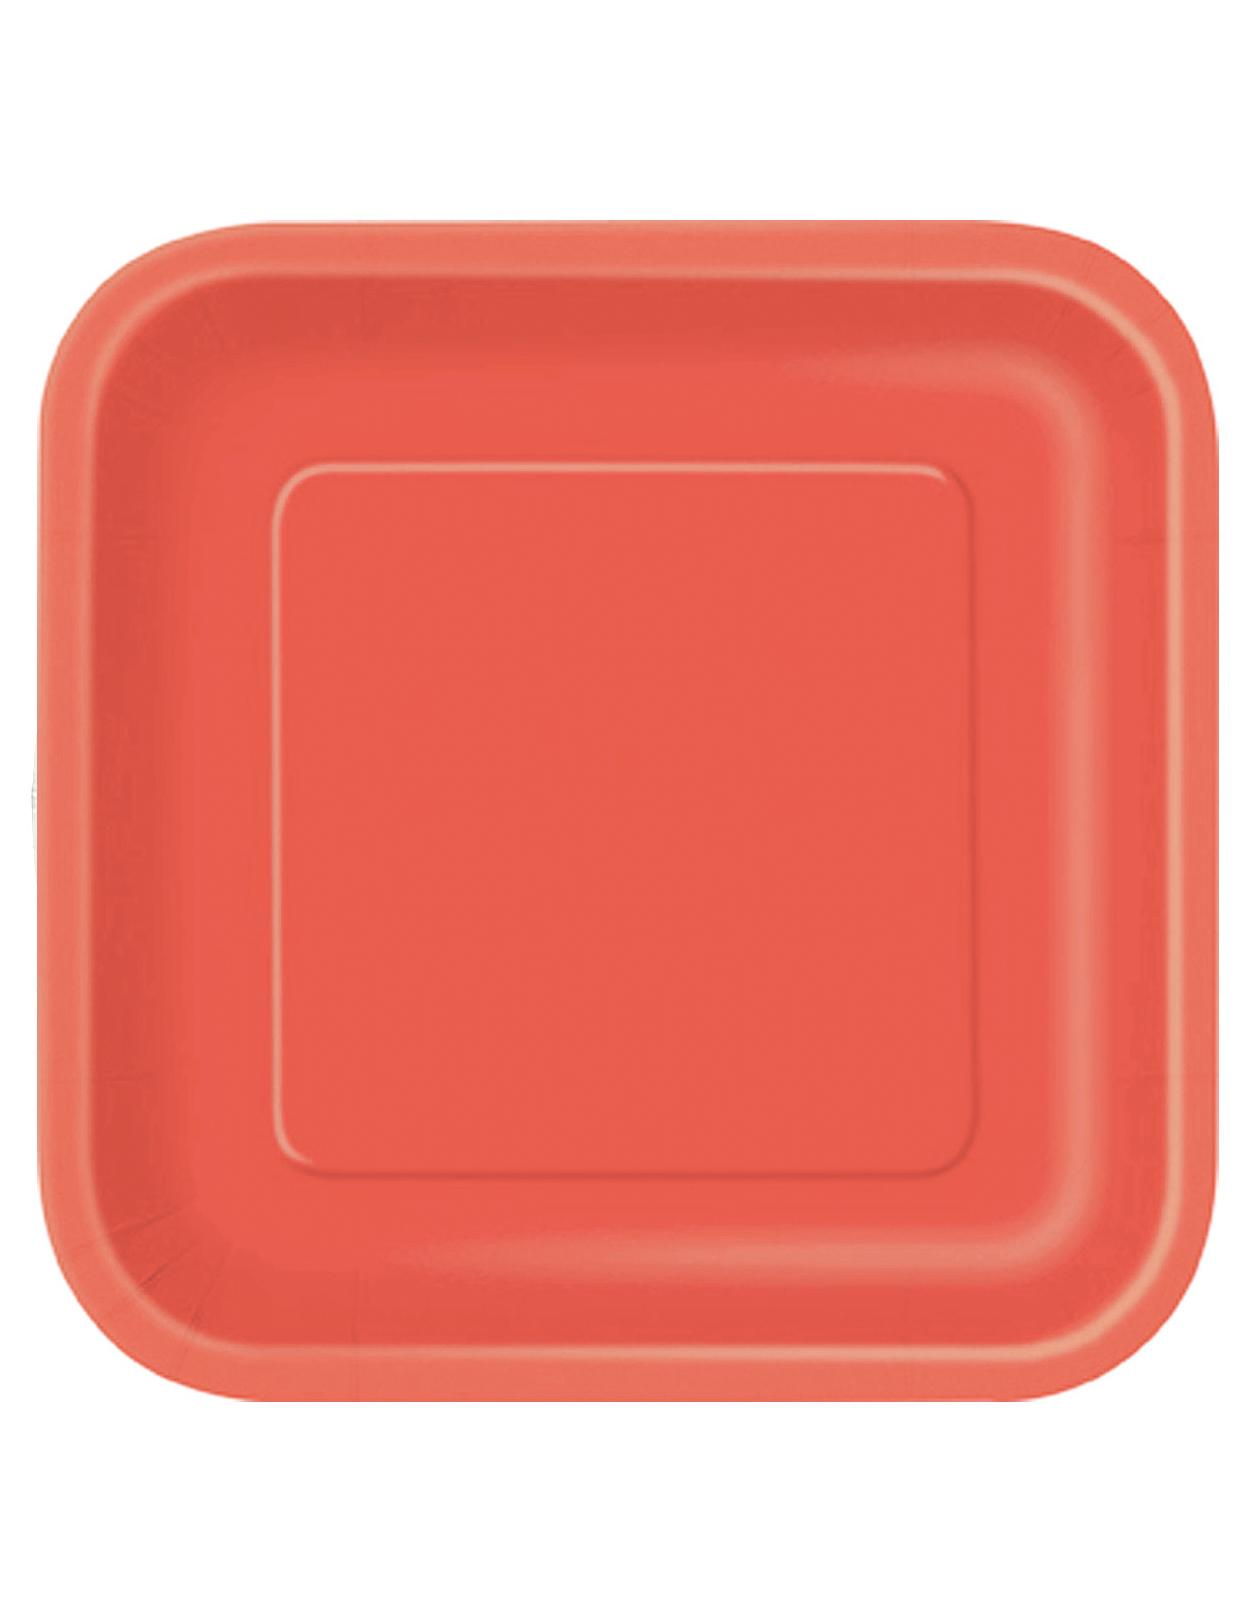 14 stora röda kvadratiska tallrikar i kartong, köp Dekorationer på Vegaoo se